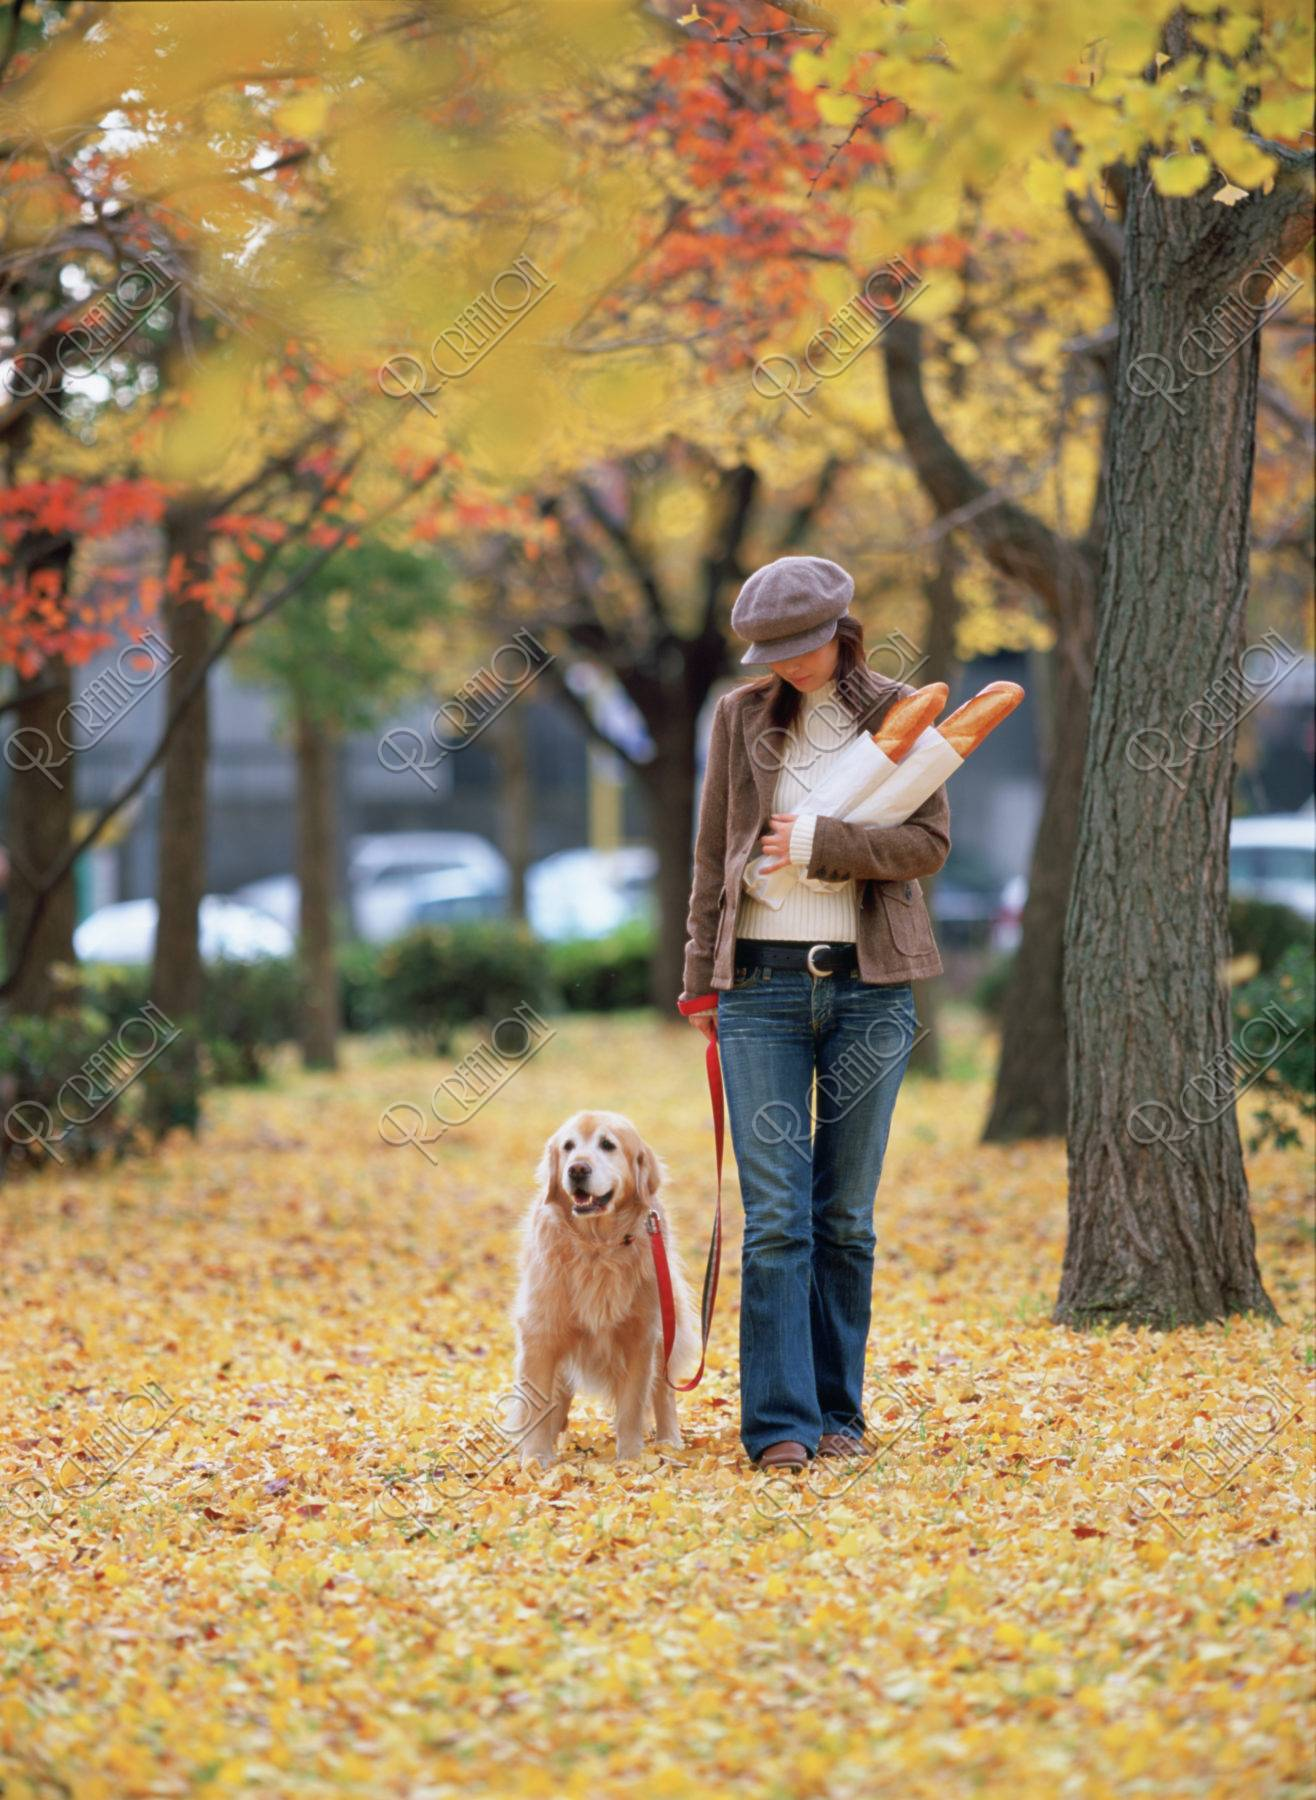 銀杏の中を歩く女性と犬